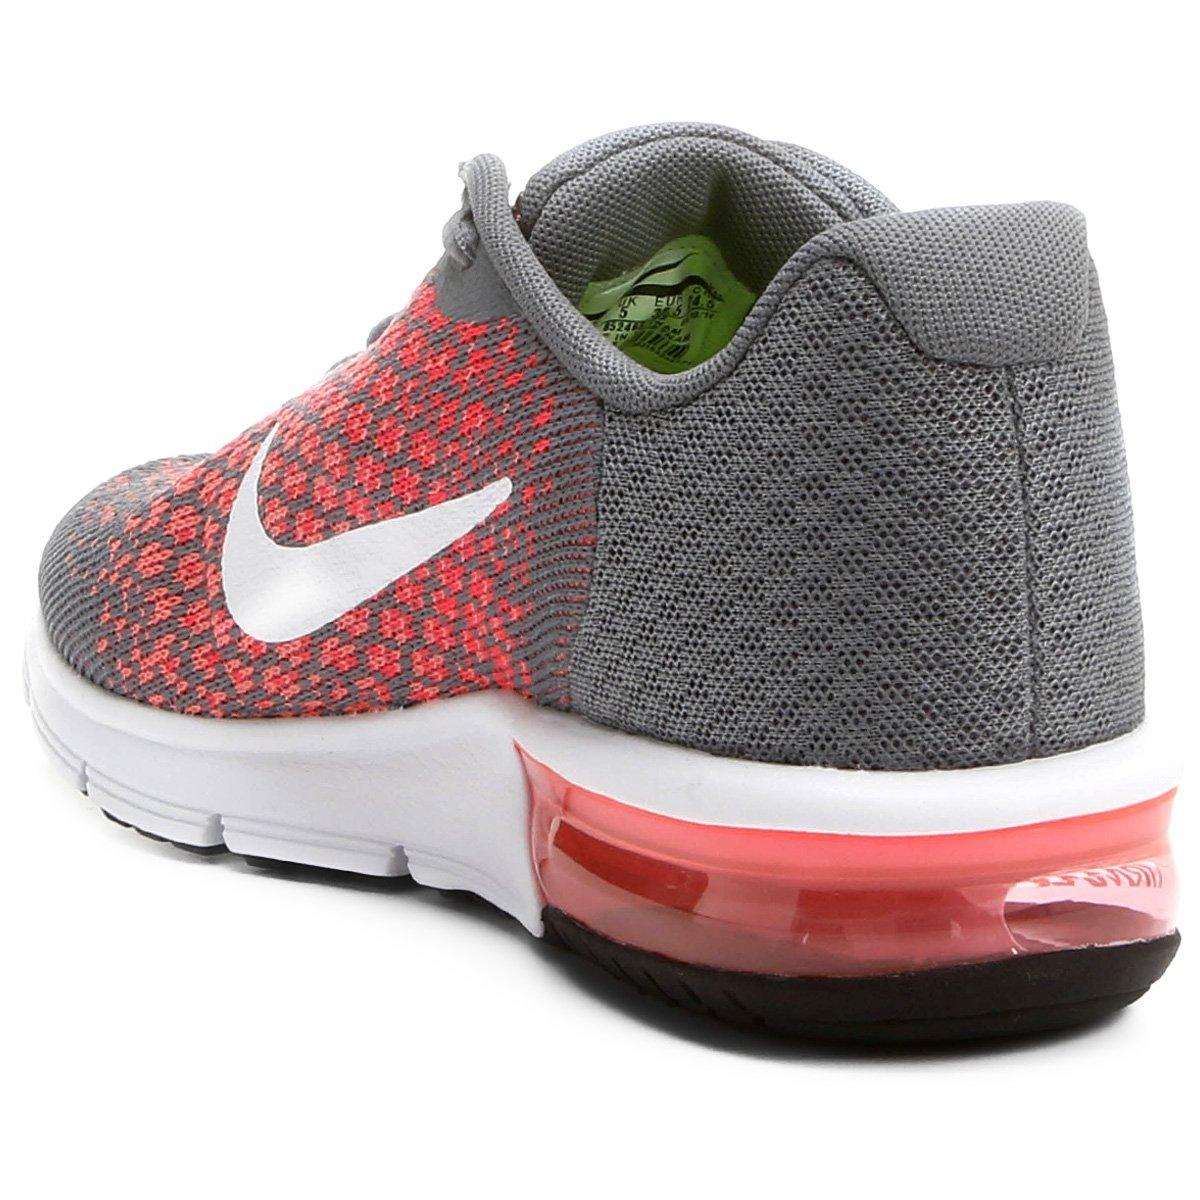 Tenis Nike Cza/Rosa Feminino Air Max Sequent